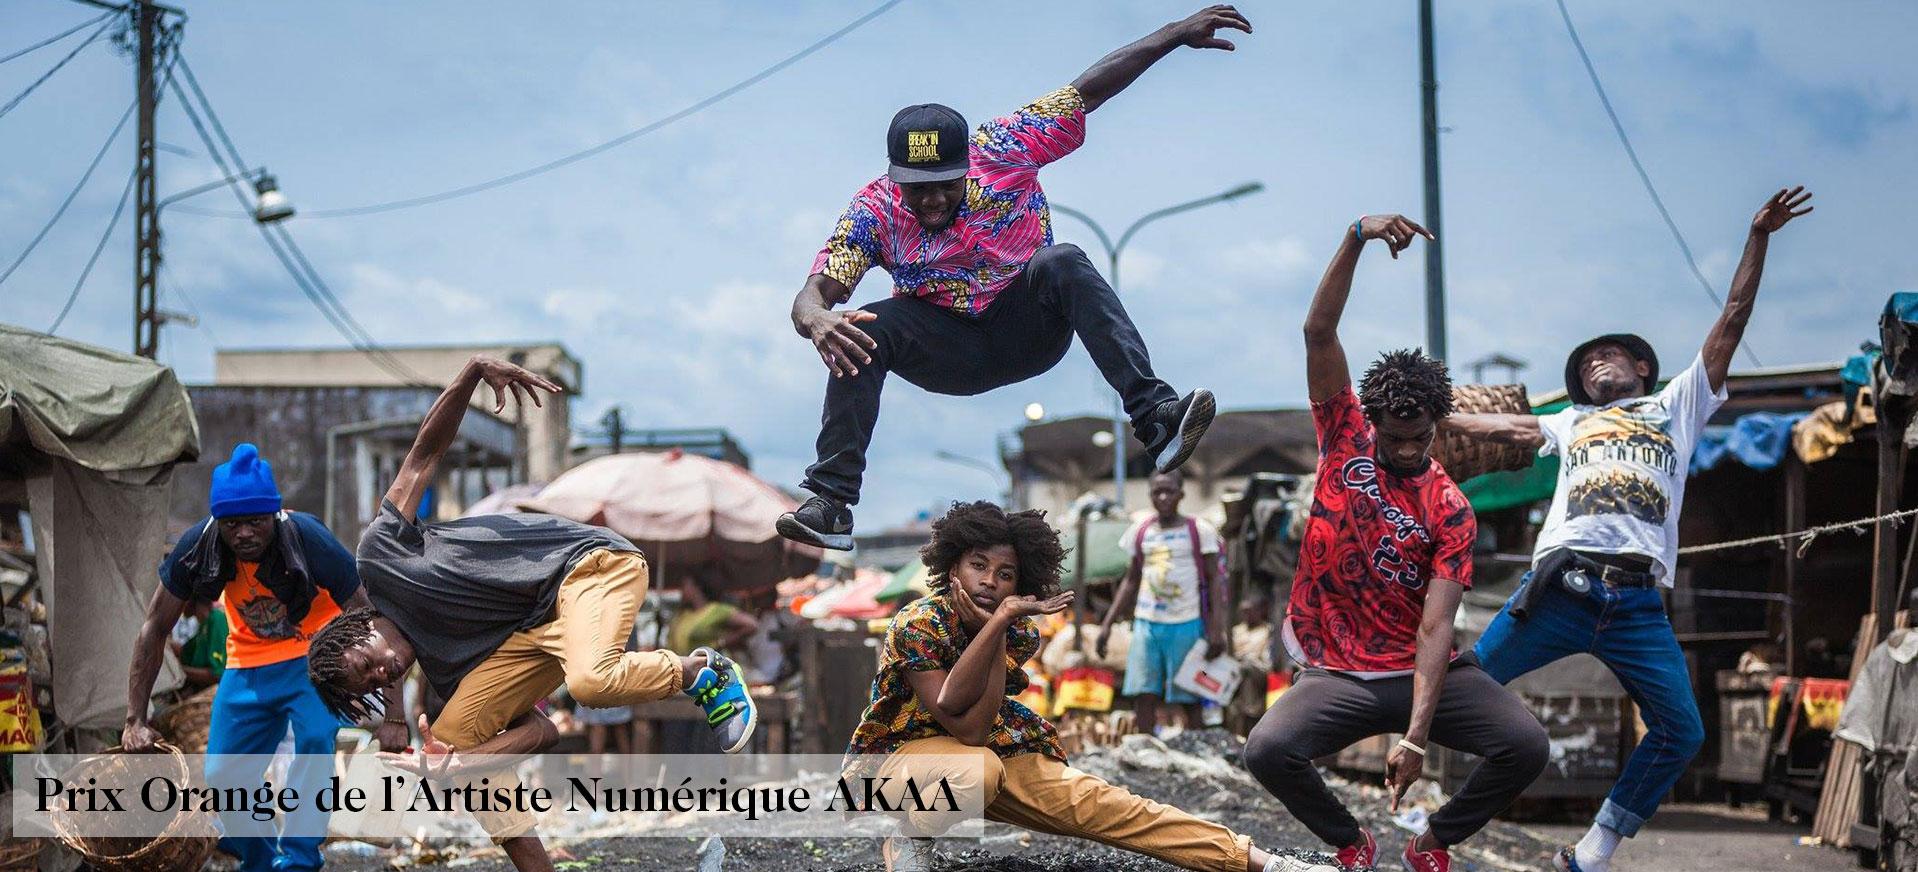 Dans Ce.. 2016, tirage numérique sur diasec. © Siaka Soppo Traoré. Courtesy Galerie MAM